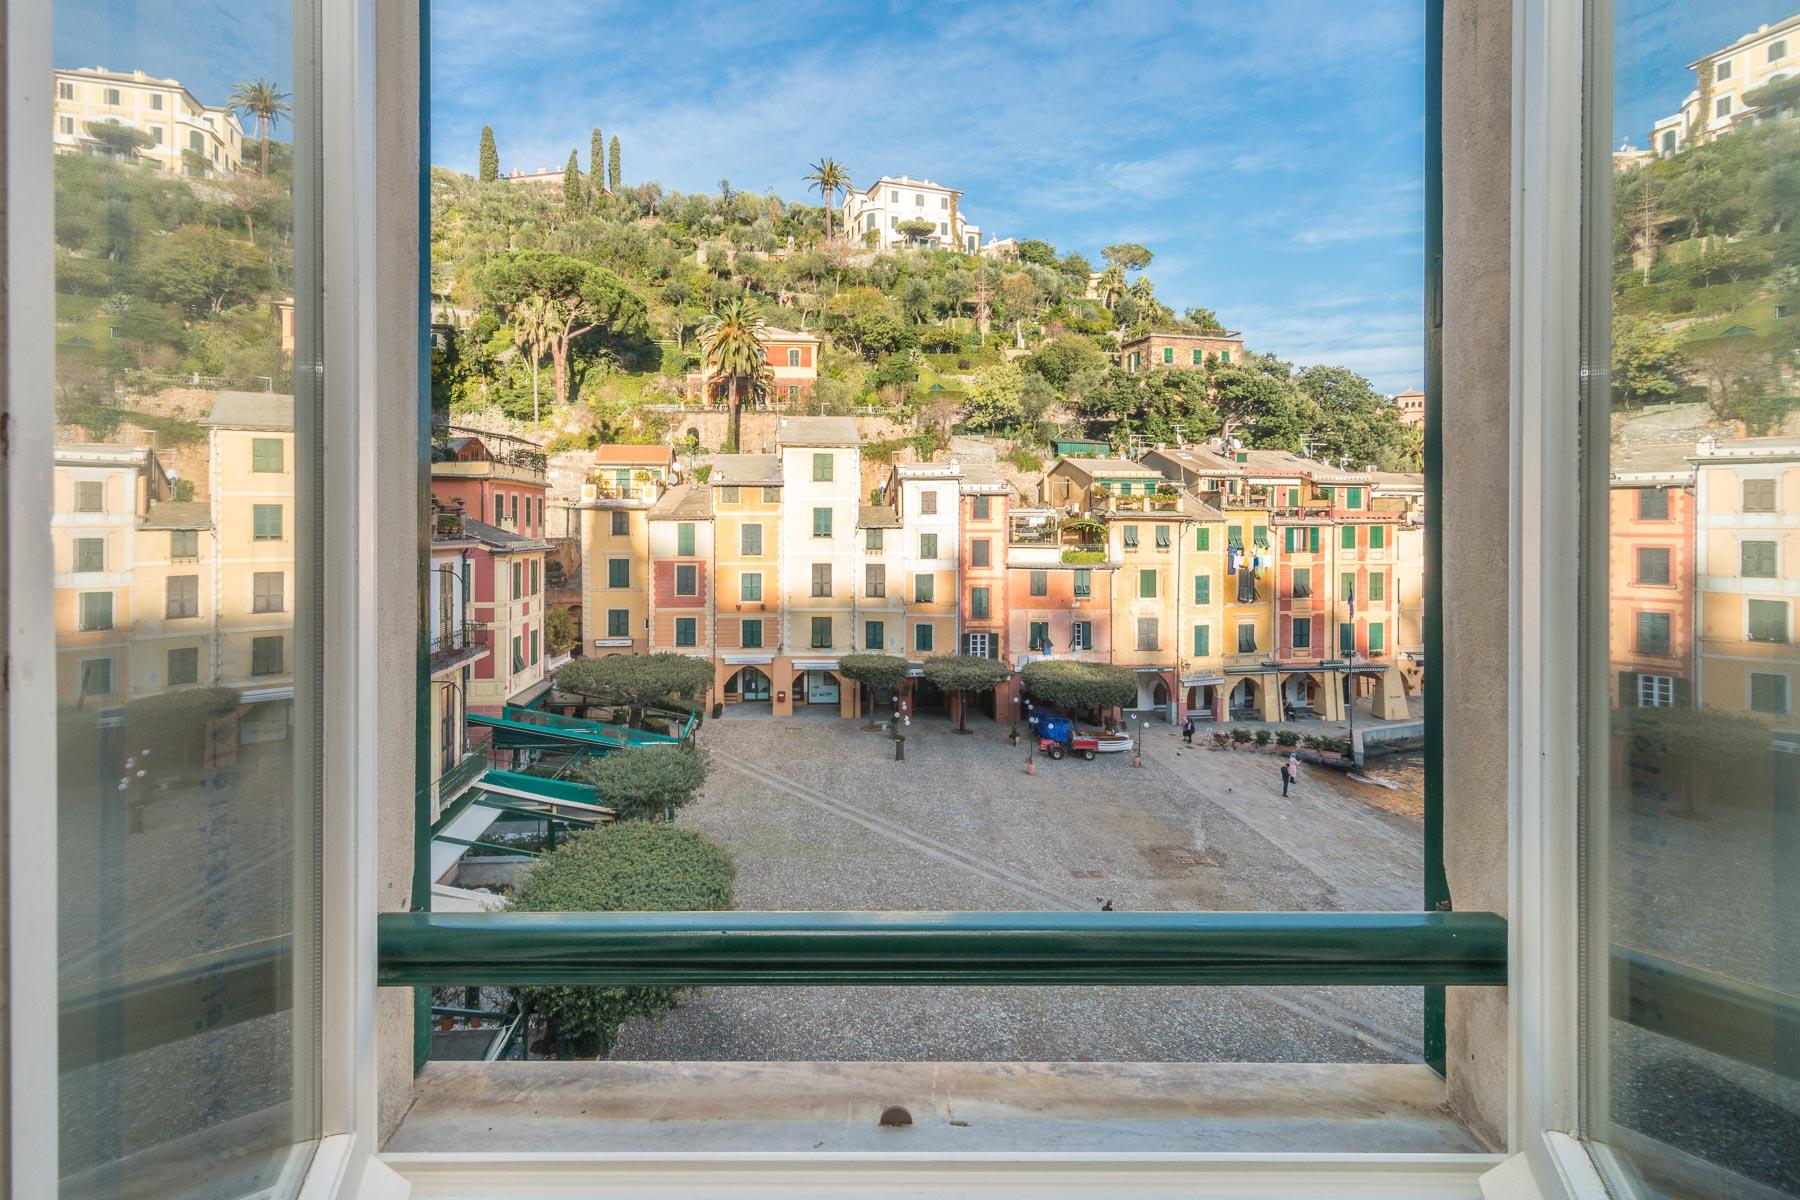 Attico in Vendita a Portofino: 5 locali, 173 mq - Foto 3